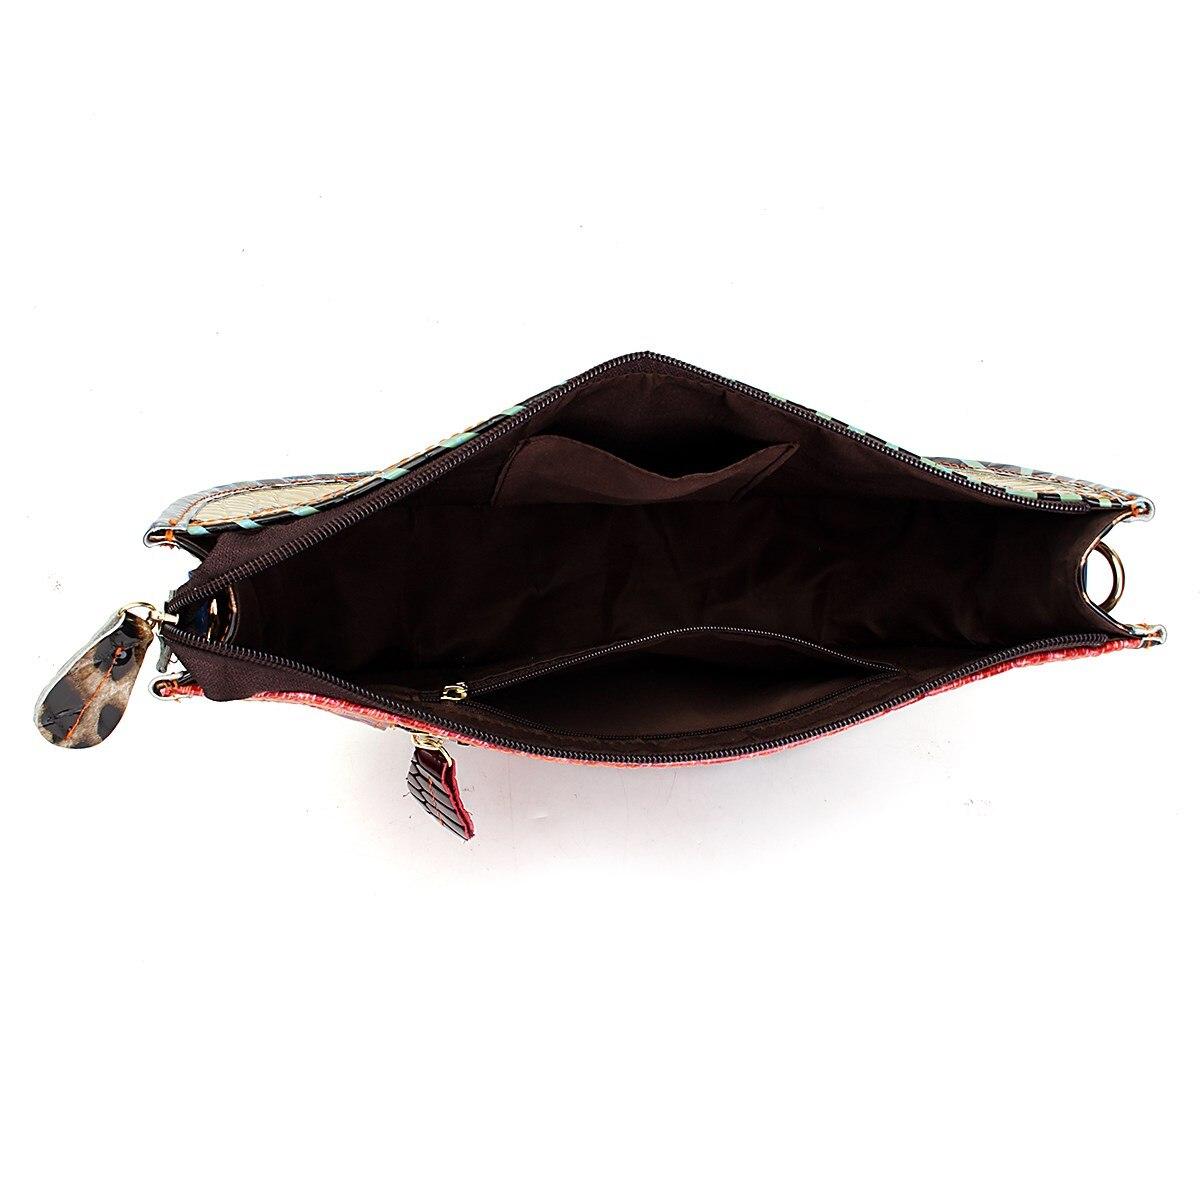 cor aleatória Bag Estilo 2 : 100% Genuine Leather Women Shoulder Bag